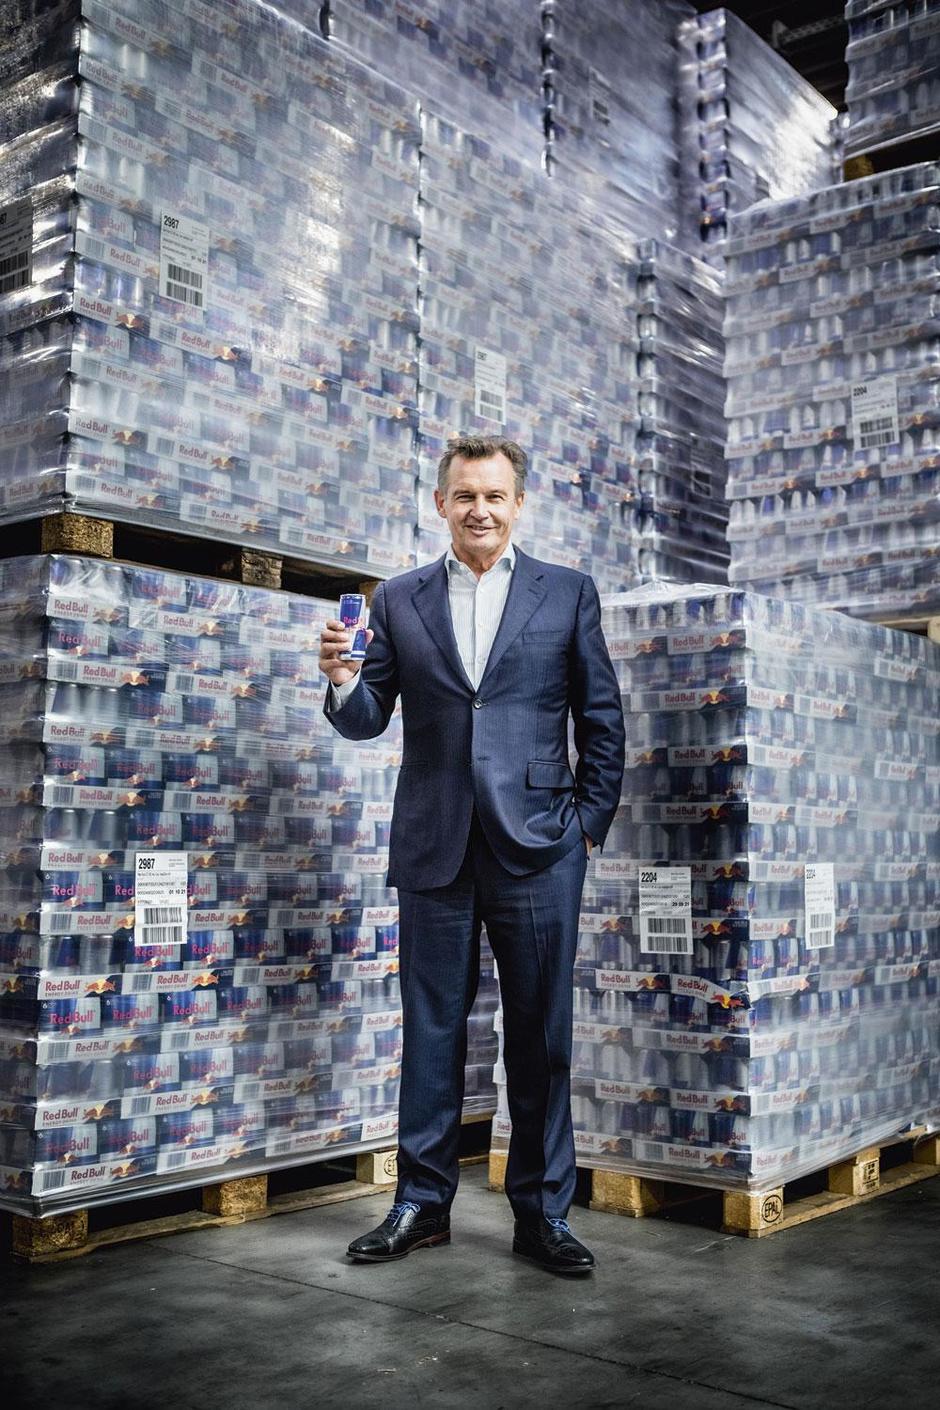 Stefaan Bettens (CEO drankenverdeler Jet Import): 'Een hype komt niet uit de lucht vallen'